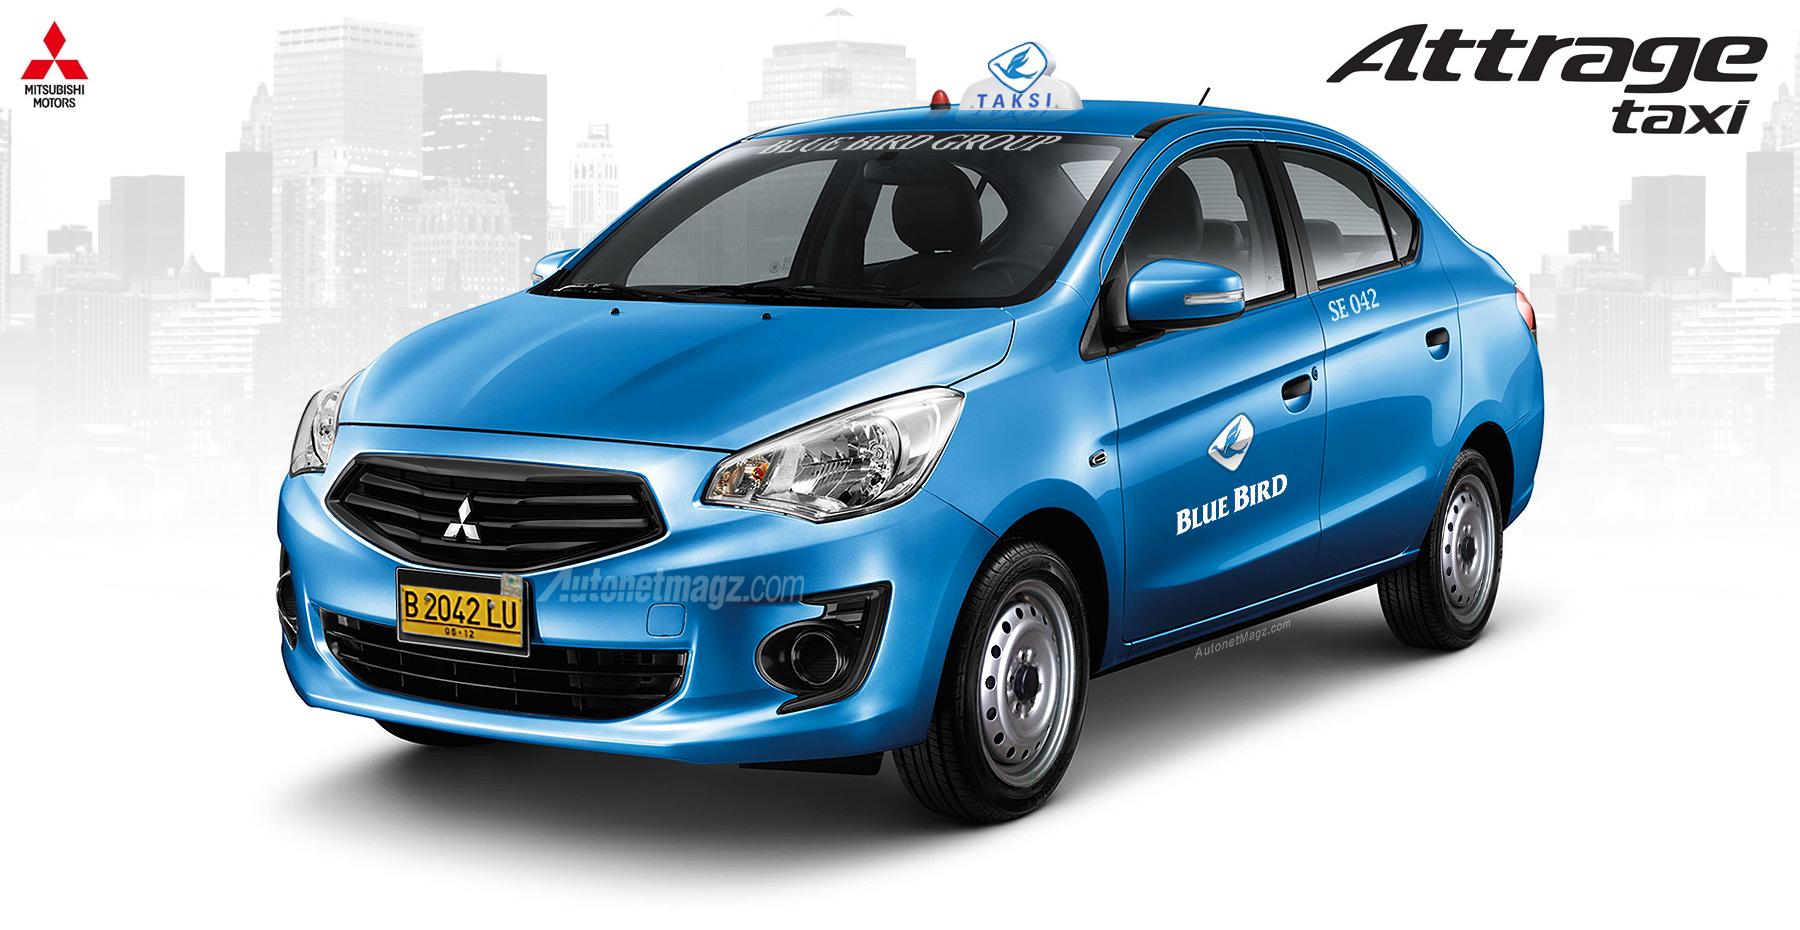 Mitsubishi Attrage Taksi : Taksi Paling Irit Nih ...